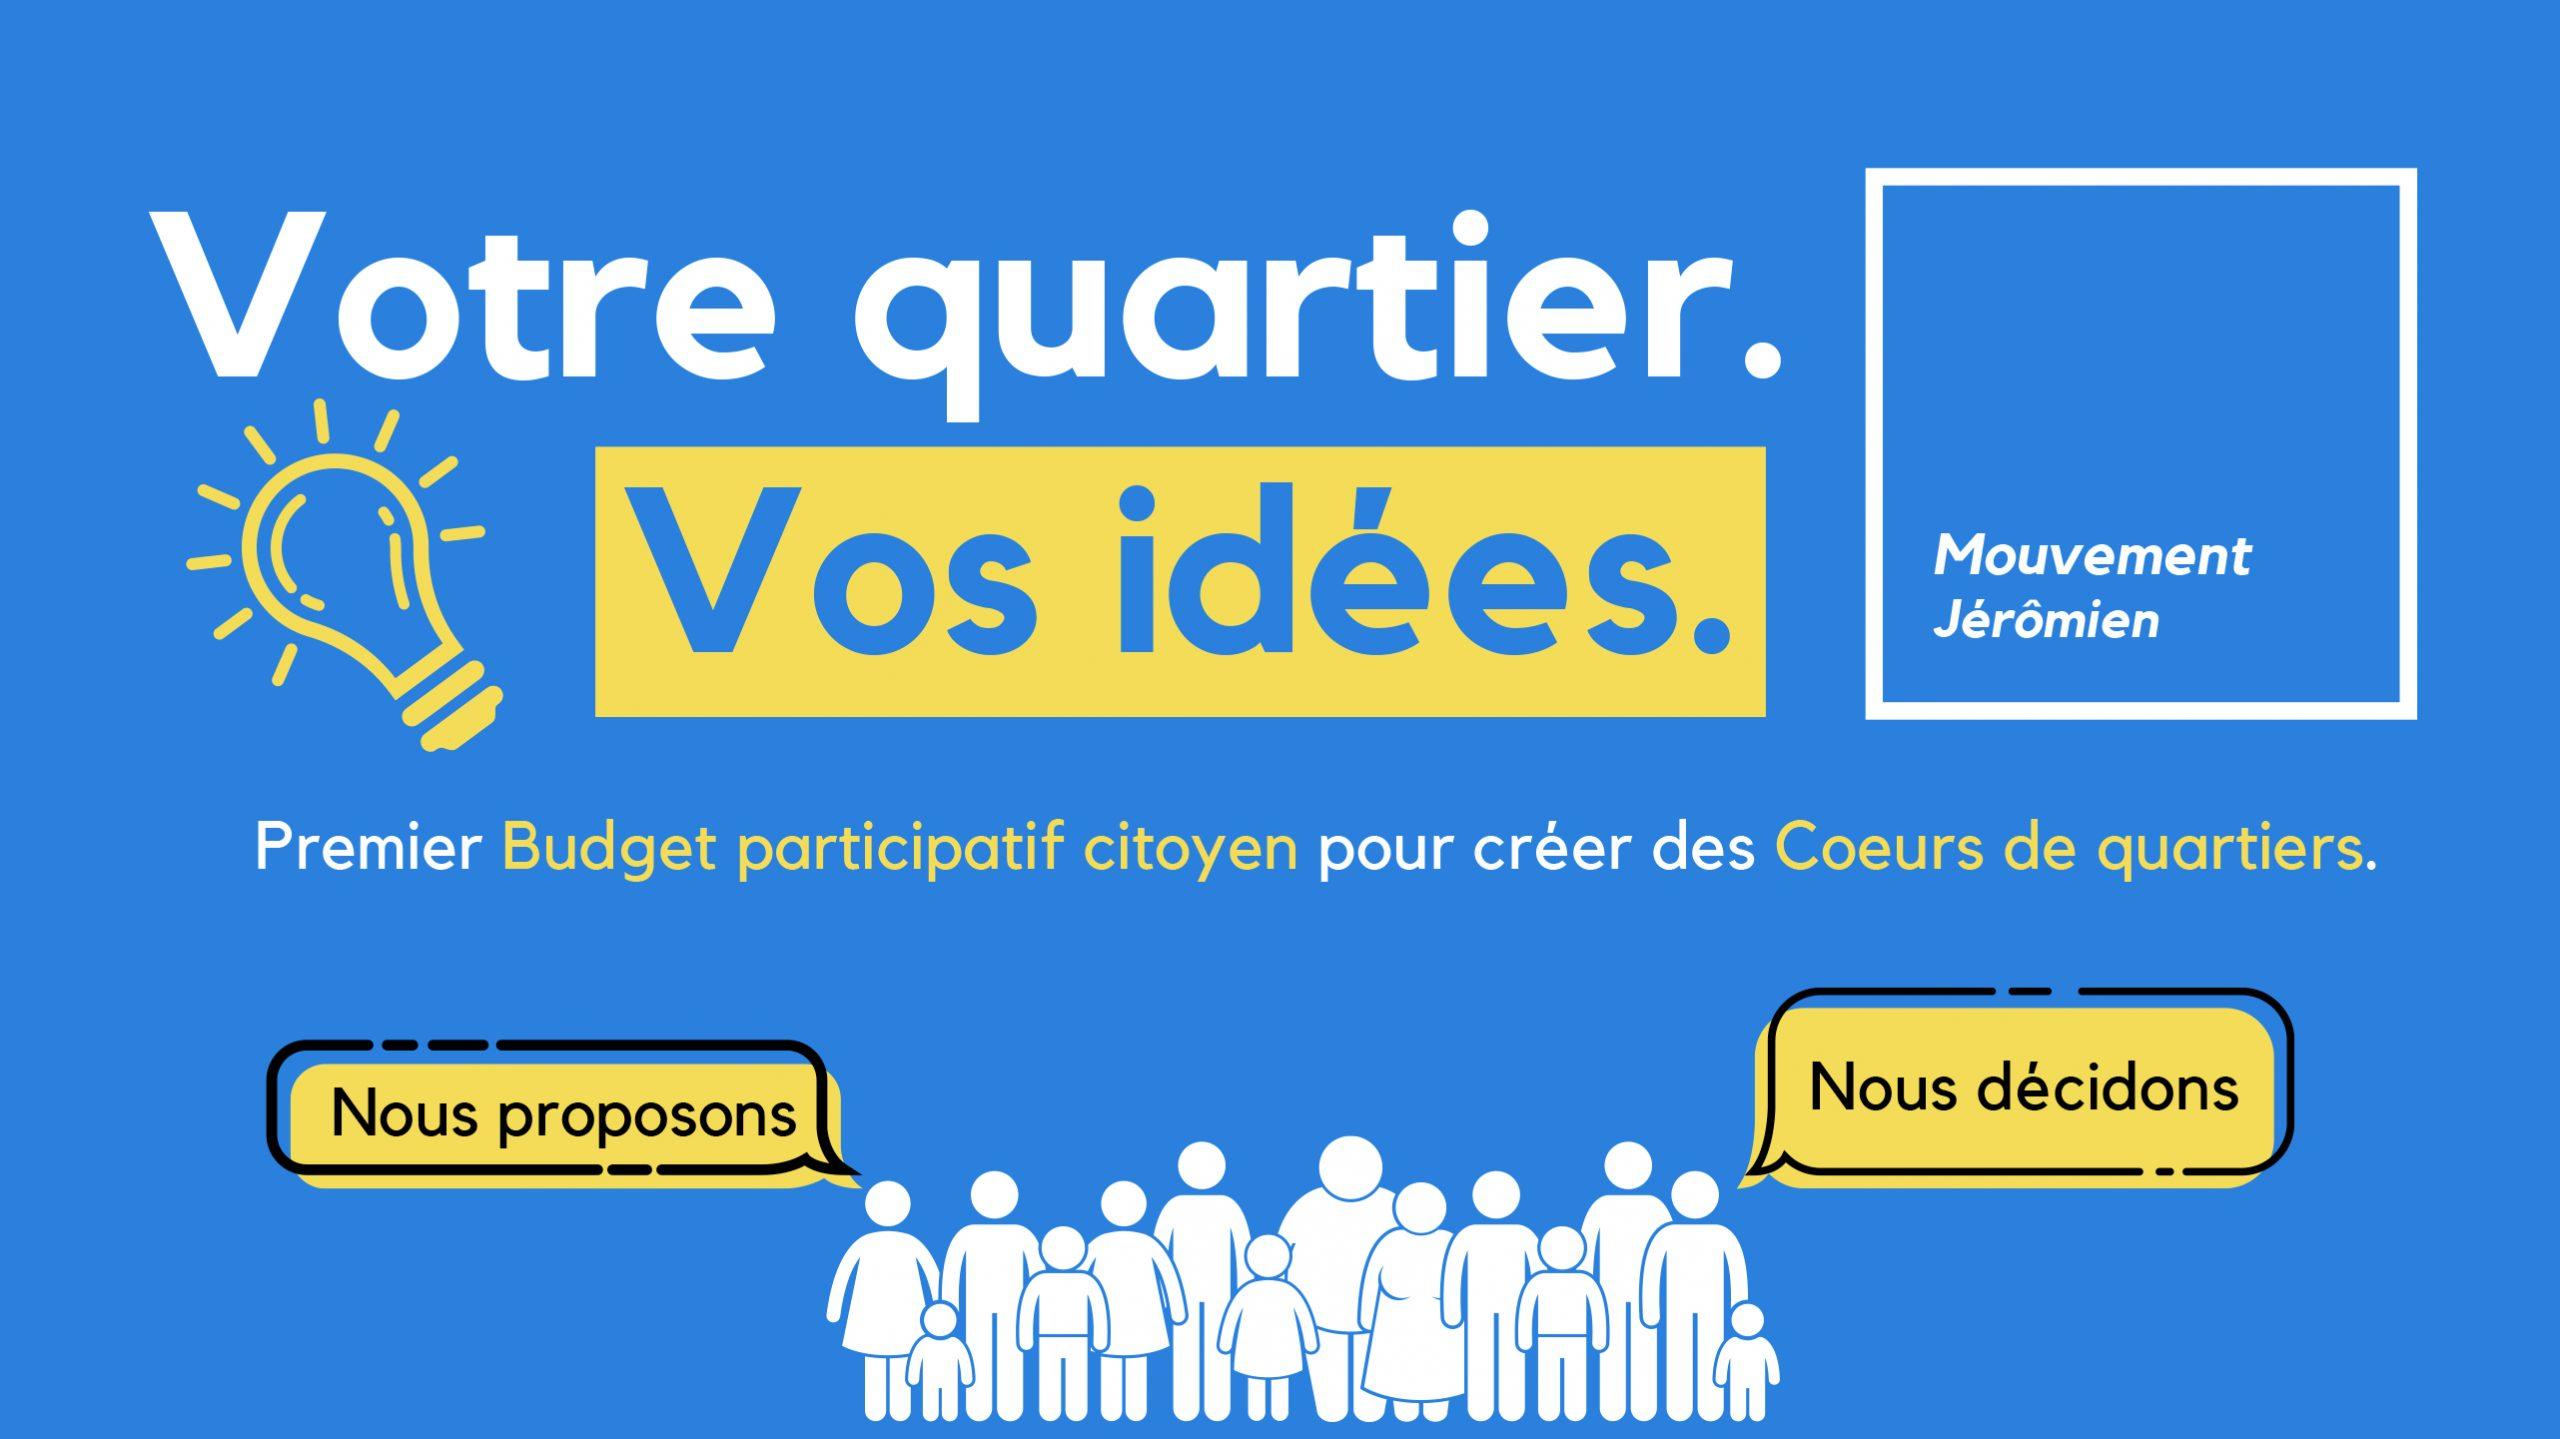 Votre quartier vos idées - Mouvement Jérômien - Budget participatif